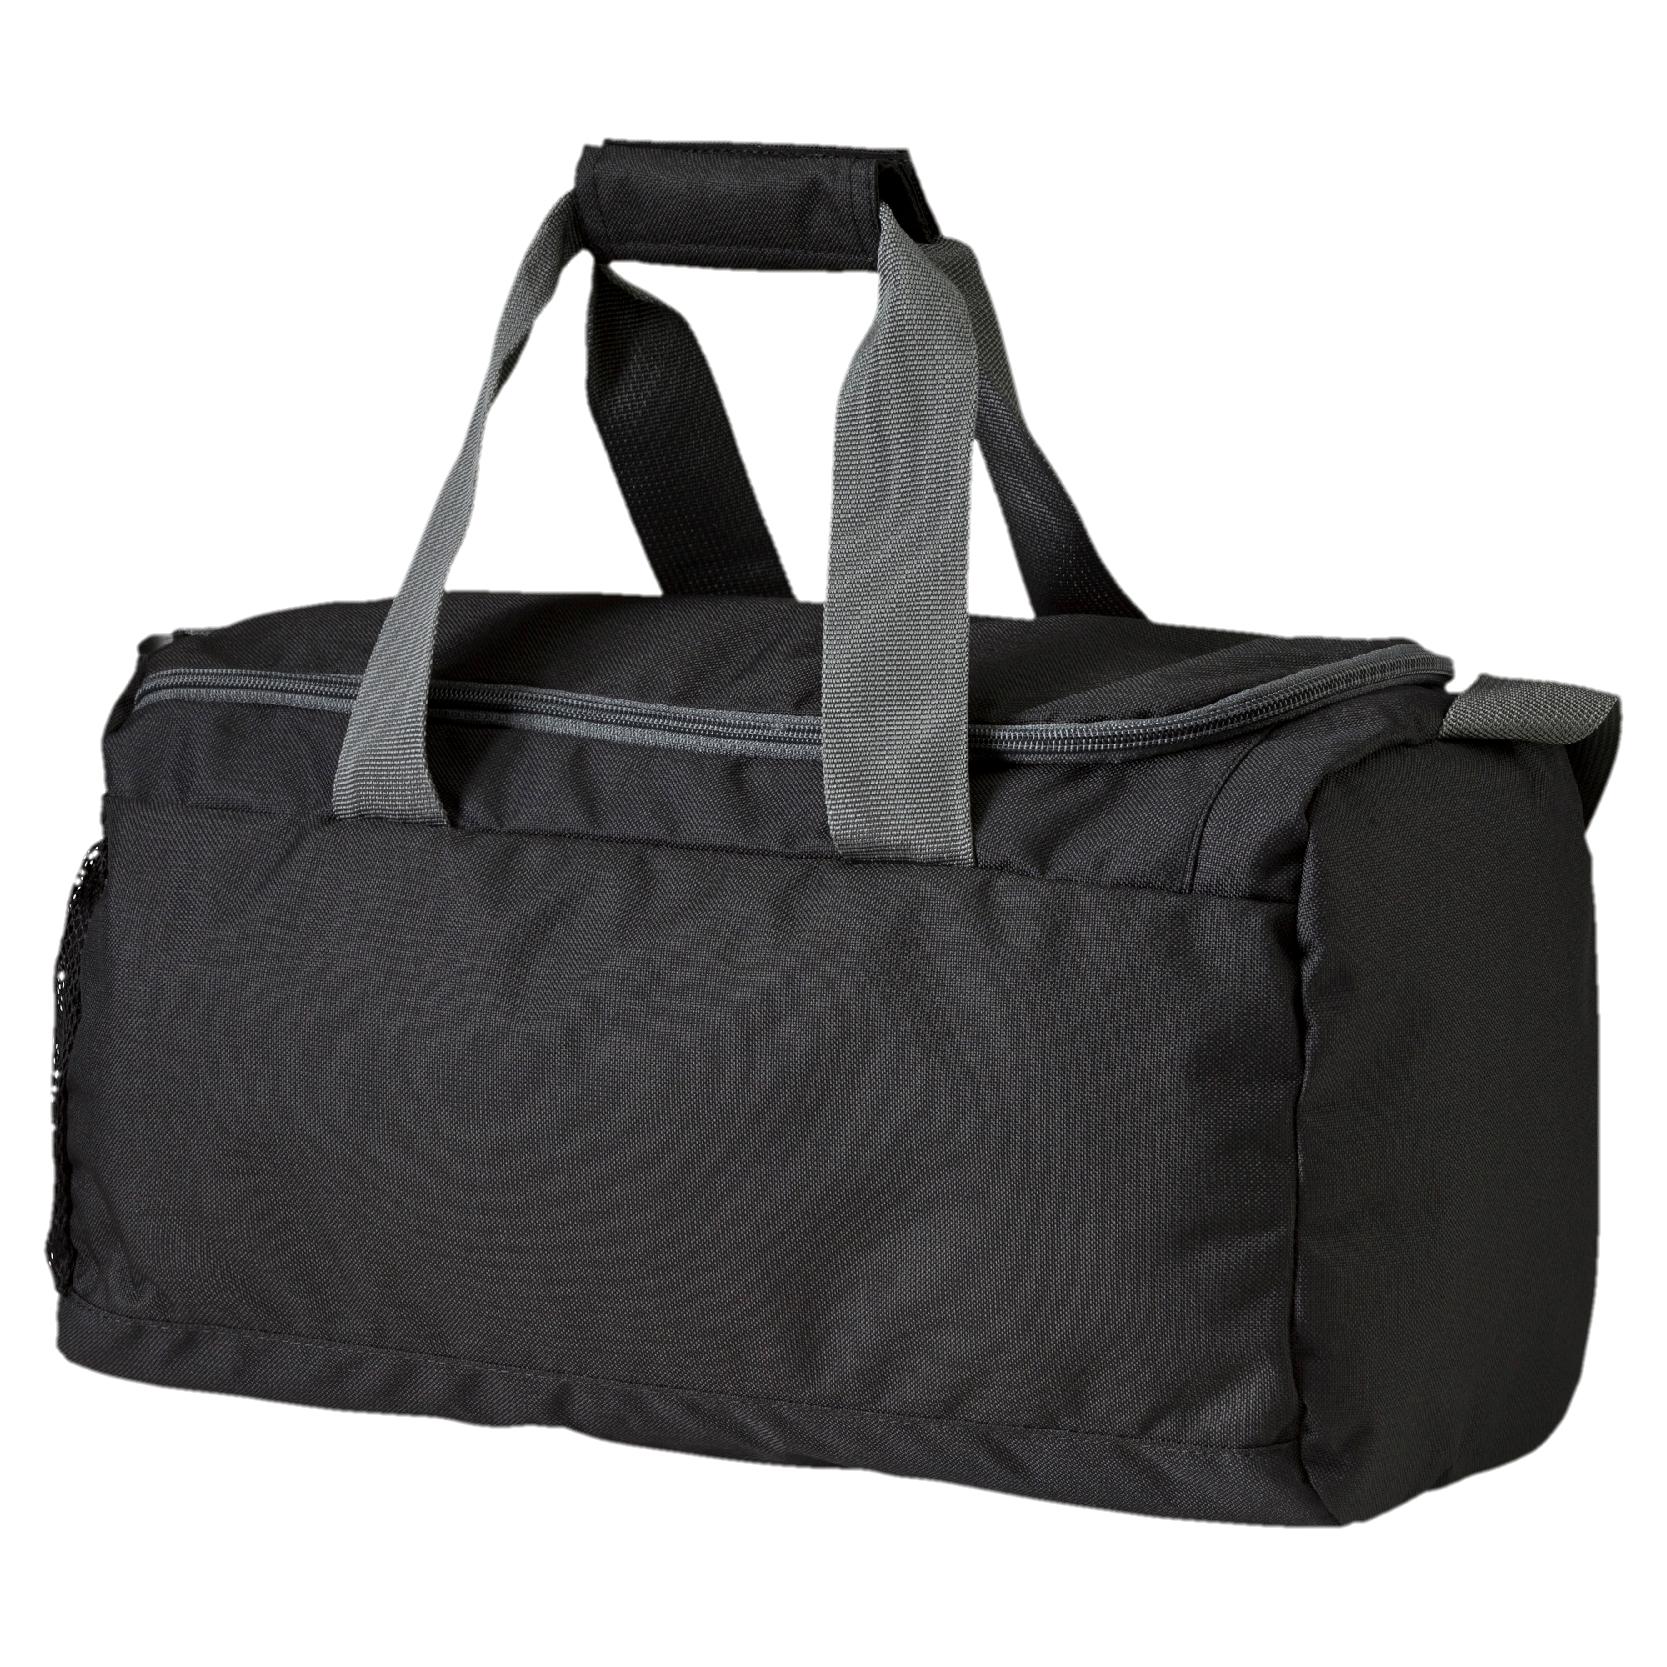 Puma Fundamentals Sports Bag XS - Sporttasche Trainingstasche - 073501-01  schwarz